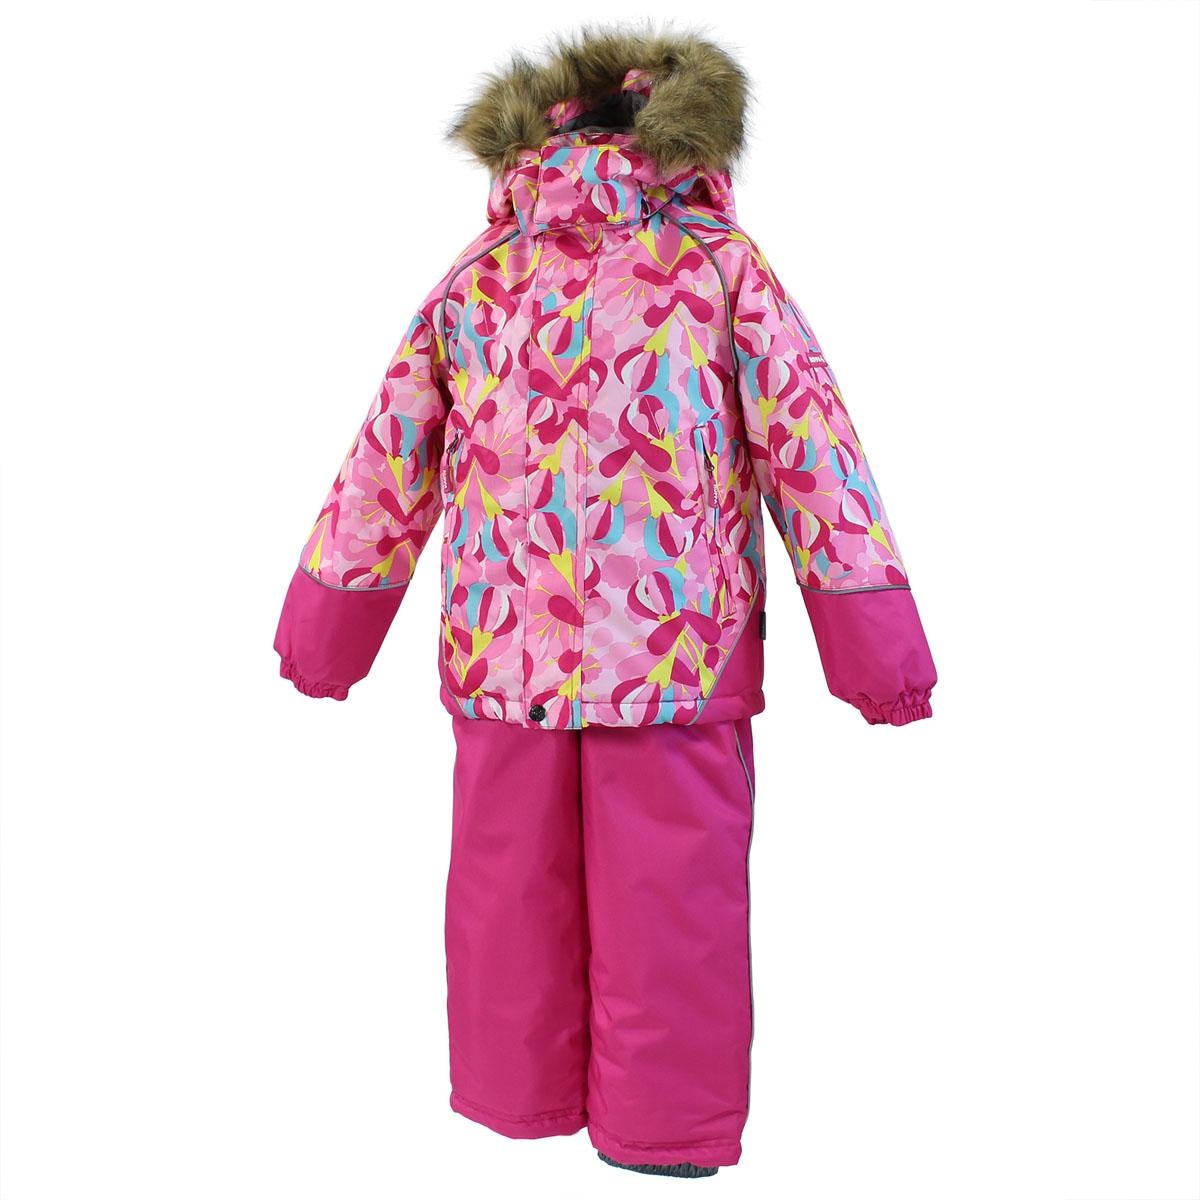 Комплект для девочки Enzy: куртка, полукомбинезон. 4131CW15_J4131CW15_J13Теплый комплект для девочки Huppa Enzy, состоящий из куртки и полукомбинезона, идеально подойдет вашему ребенку в холодное время года. Комплект изготовлен из водоотталкивающей и ветрозащитной ткани с утеплителем из HuppaTherm - 100% полиэстера. HuppaTherm - высокотехнологичный легкий синтетический утеплитель нового поколения. Уникальная структура микроволокон не позволяет проникнуть холодному воздуху, в то же время, удерживая теплый воздух между волокнами, обеспечивая высокую теплоизоляцию изделия. Полиуретан с микропорами препятствует прохождению воды и ветра сквозь ткань внутрь изделия, в то же время, позволяя испаряться выделяемой телом влаге. Для максимальной влагонепроницаемости изделия основные швы проклеены водостойкой лентой. Сплетения волокон в тканях выполнены по специальной технологии, которая придает ткани прочность и предохраняет от истирания. В качестве подкладки используется 100% полиэстер. Куртка с капюшоном и небольшим воротником-стойкой застегивается на...